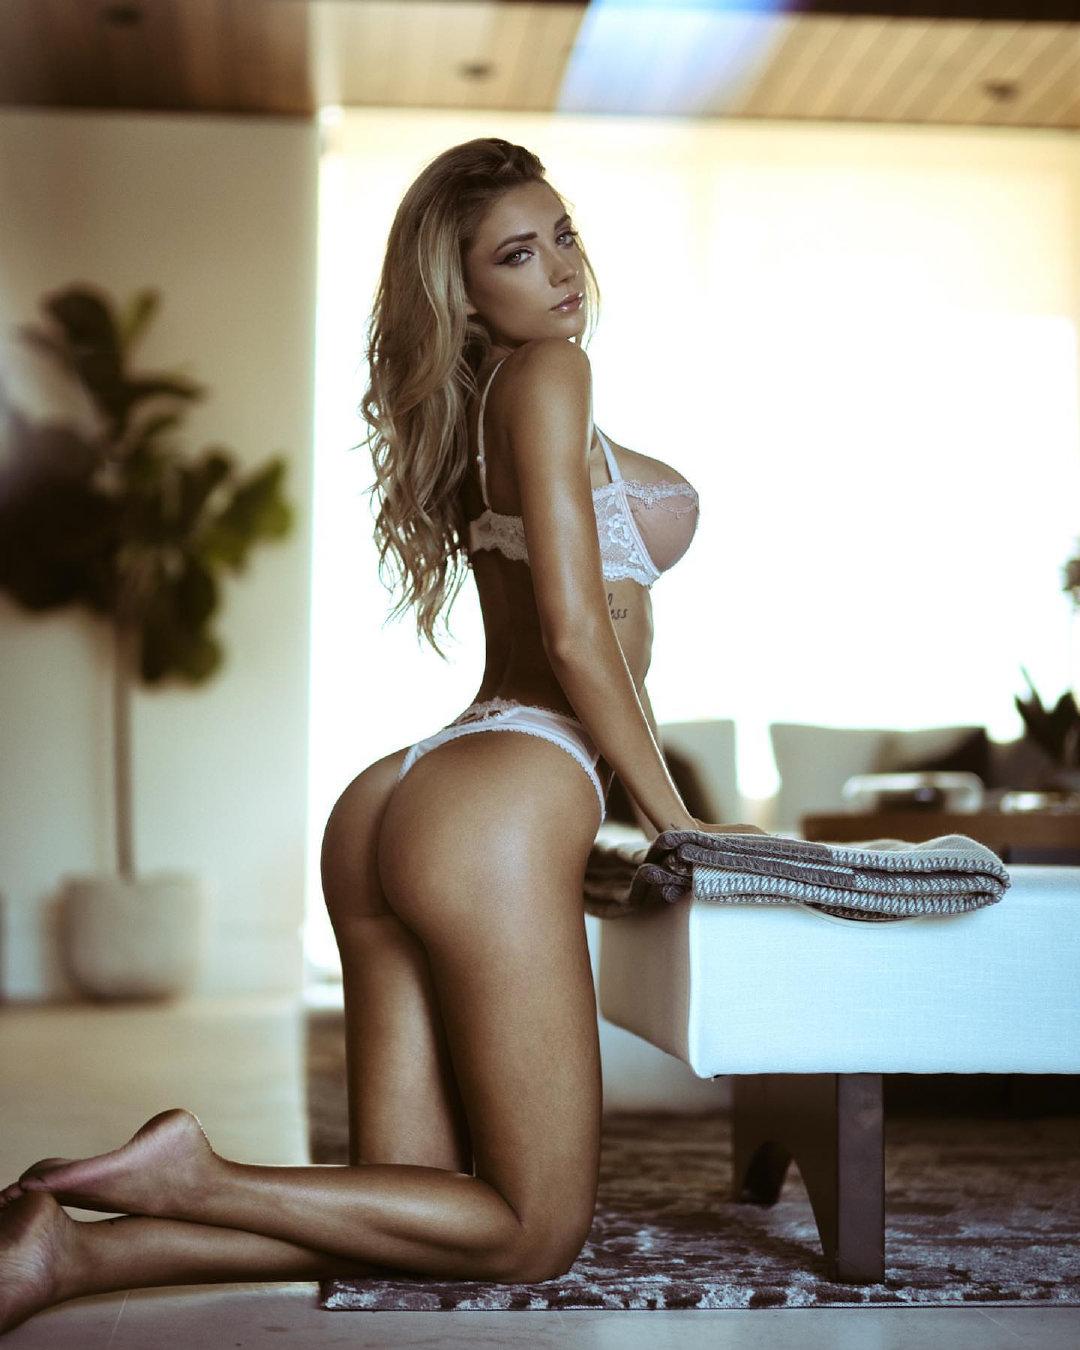 欧美金发女郎性感内衣写真 坚挺紧实的一对大奶让人充满欲望2